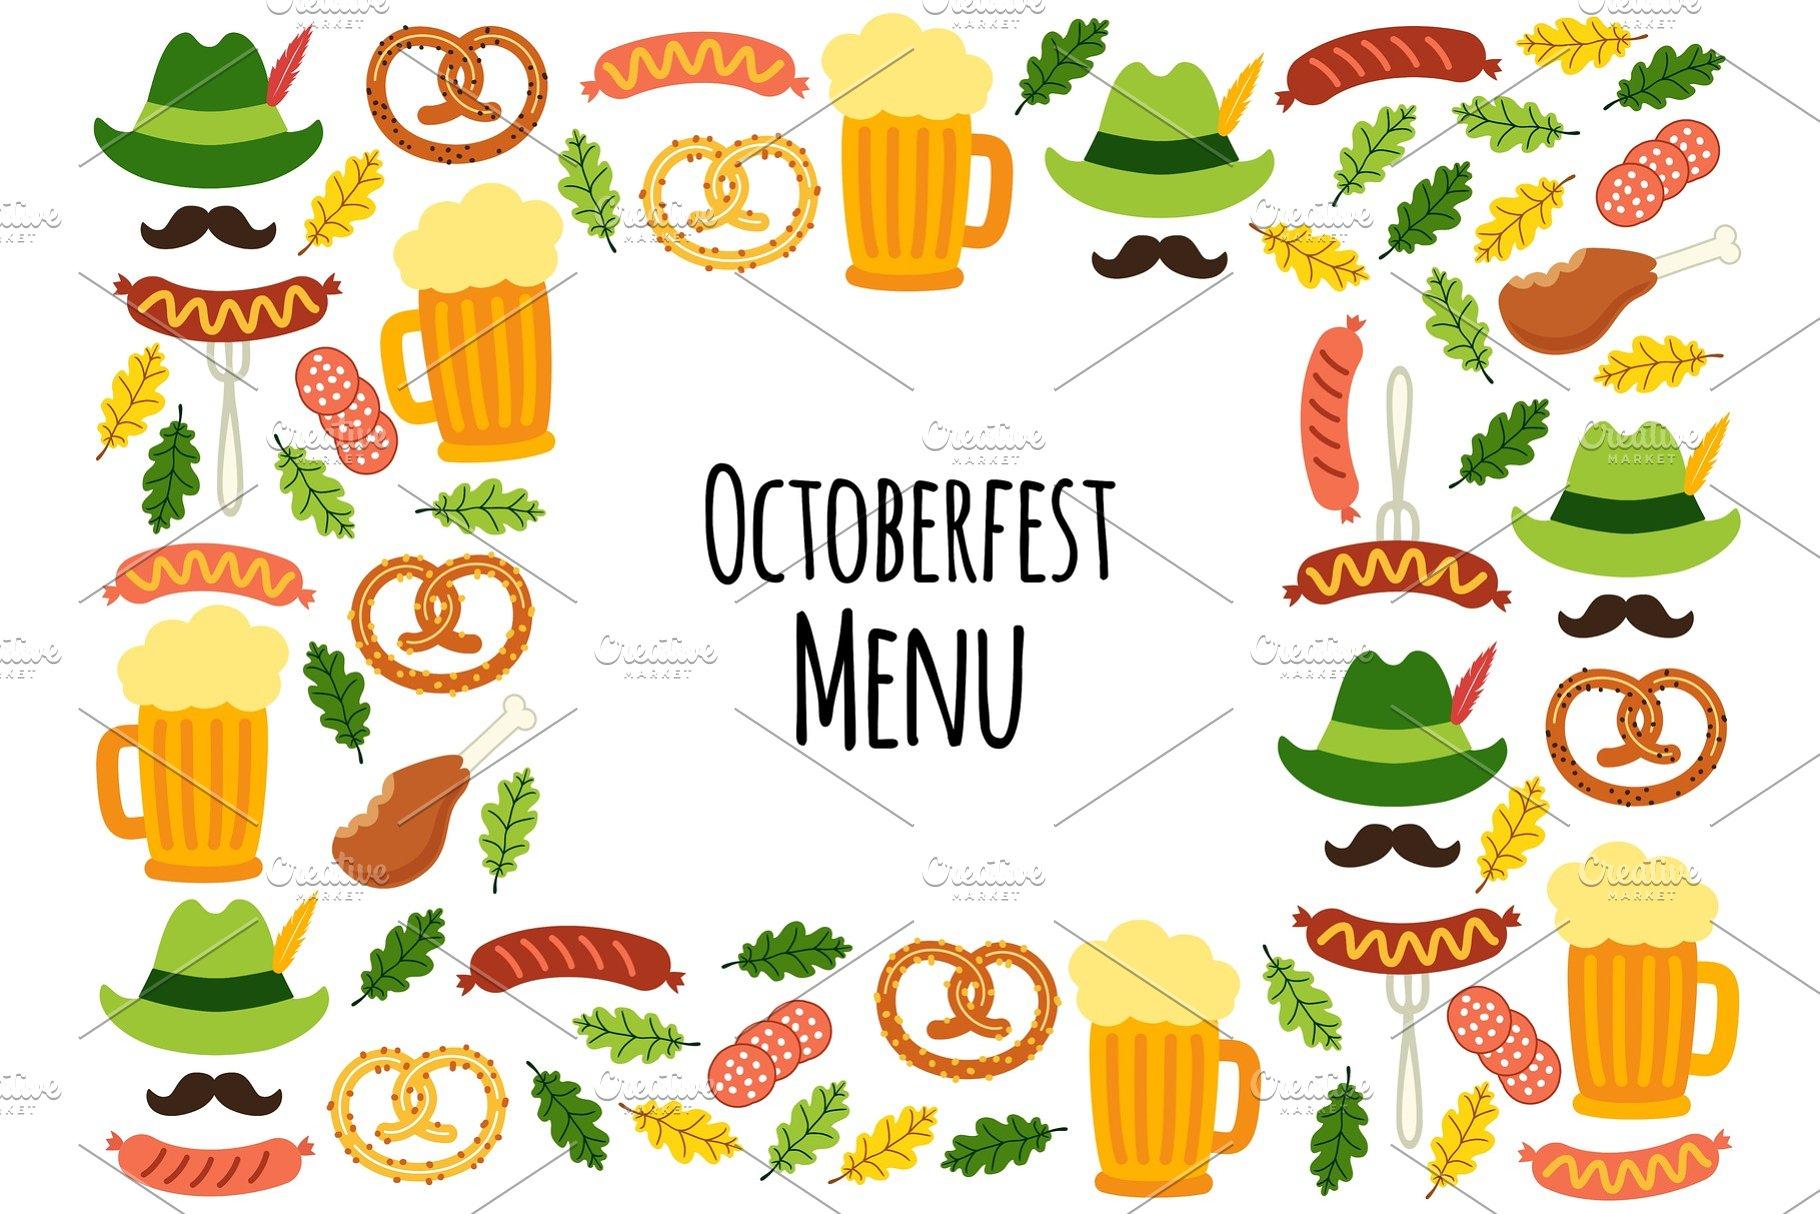 9cb9d16e5 Cute Octoberfest Menu background